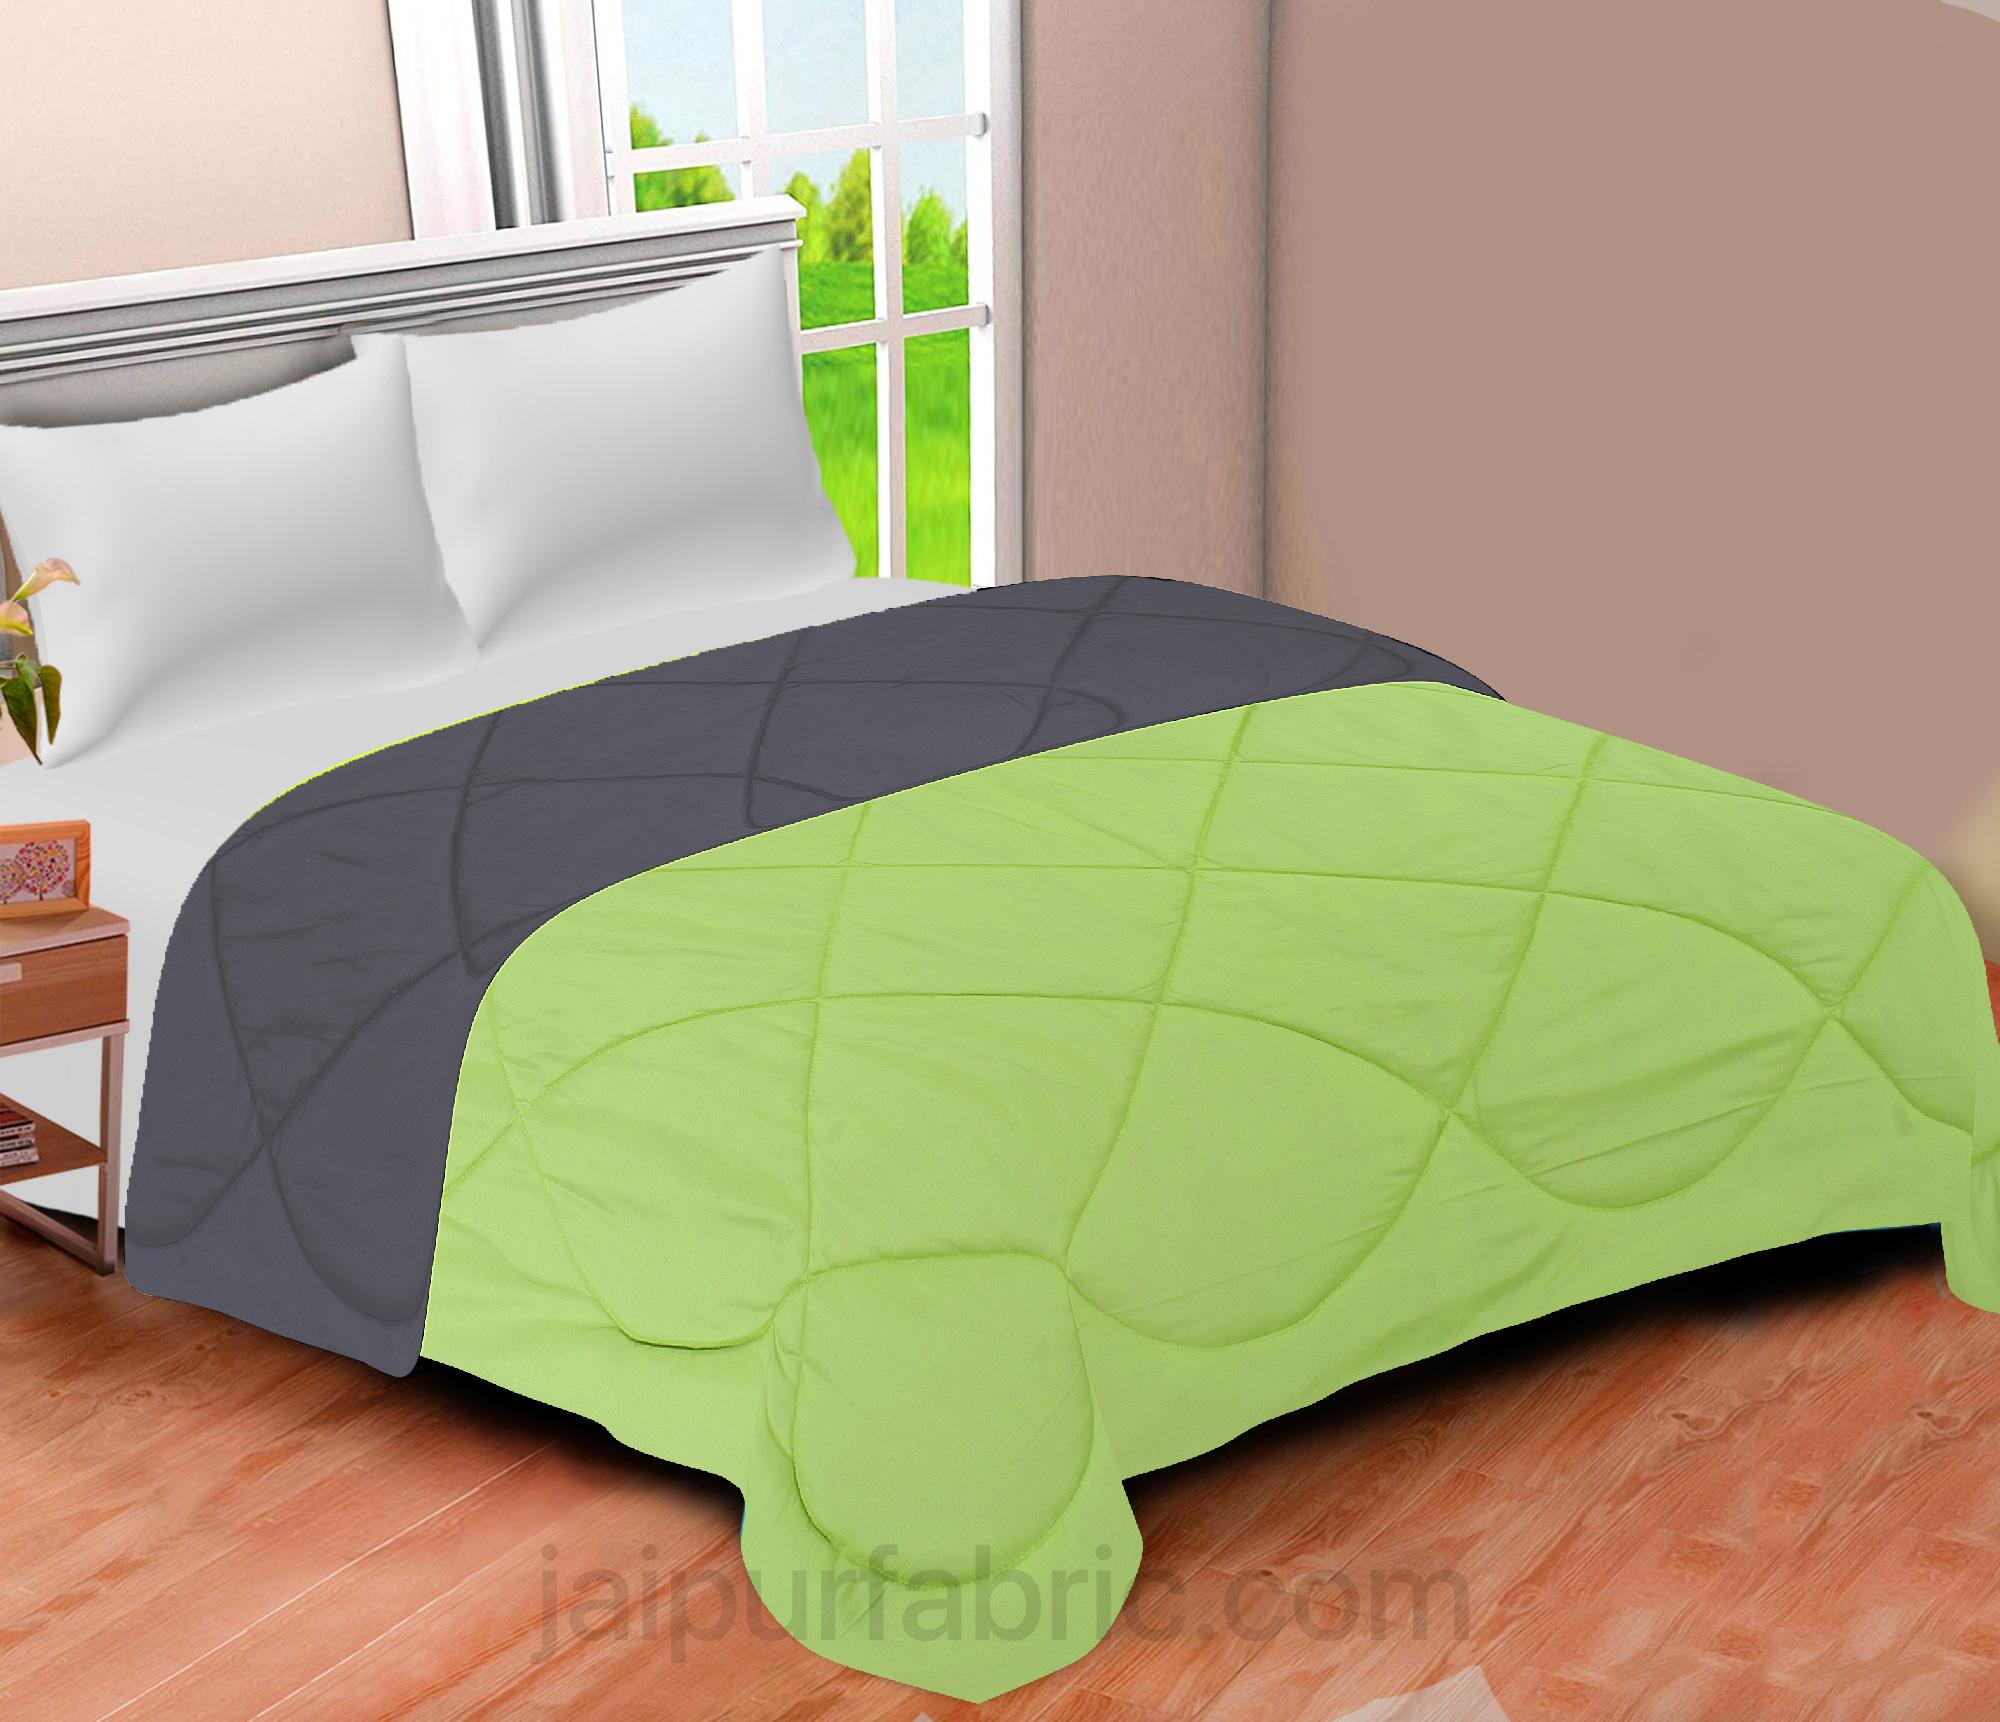 Dark Grey Lemon Green Double Bed Comforter